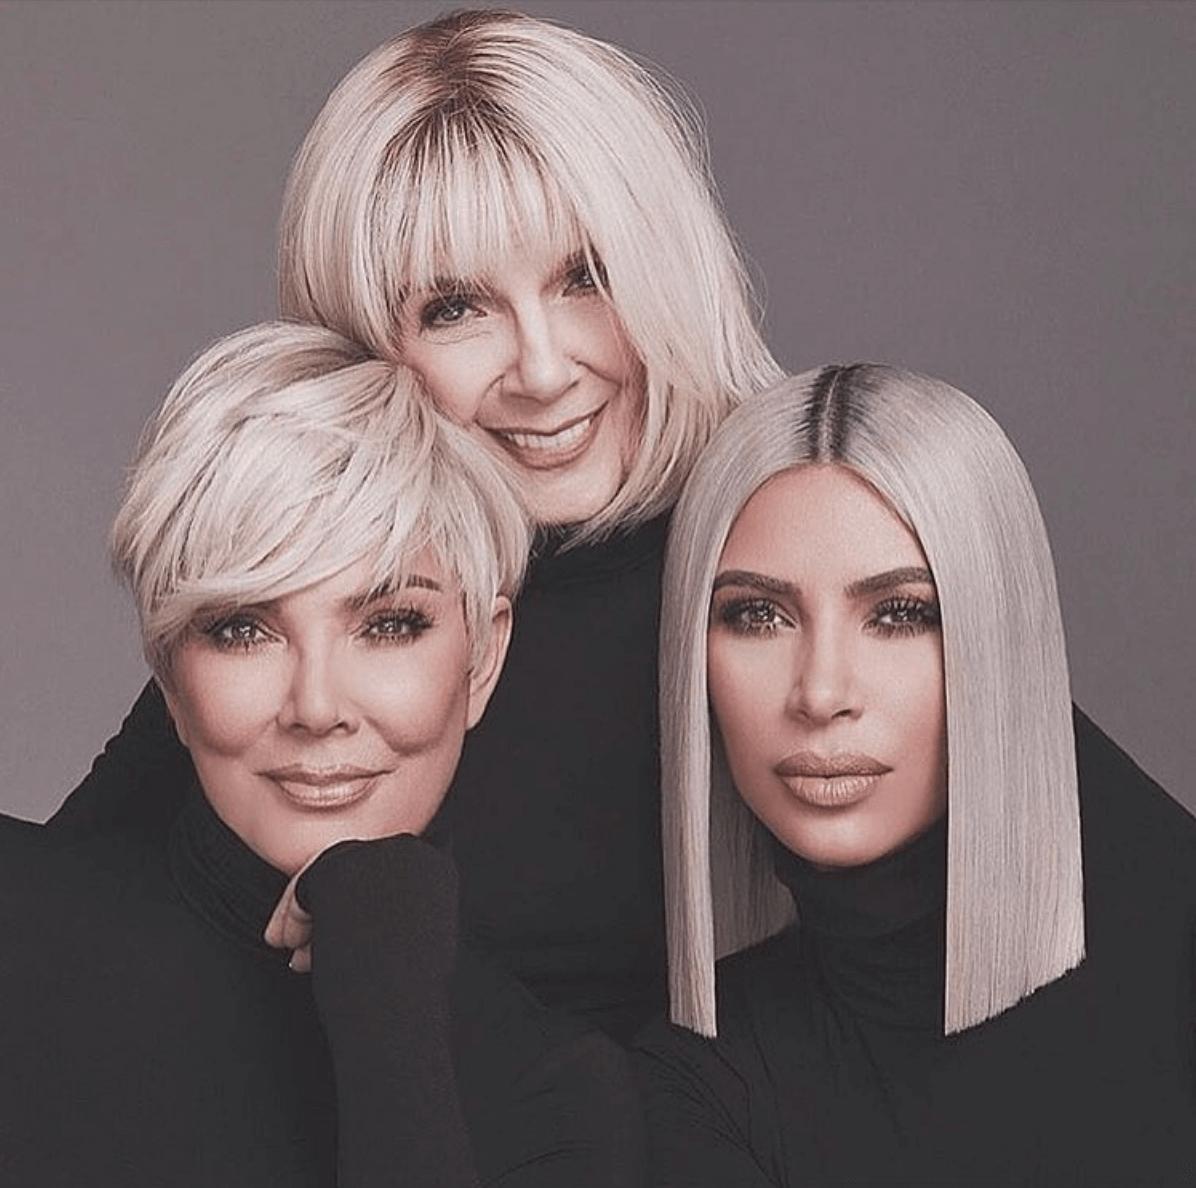 Drei Gesichtsbehandlungen für die Blonde MILF